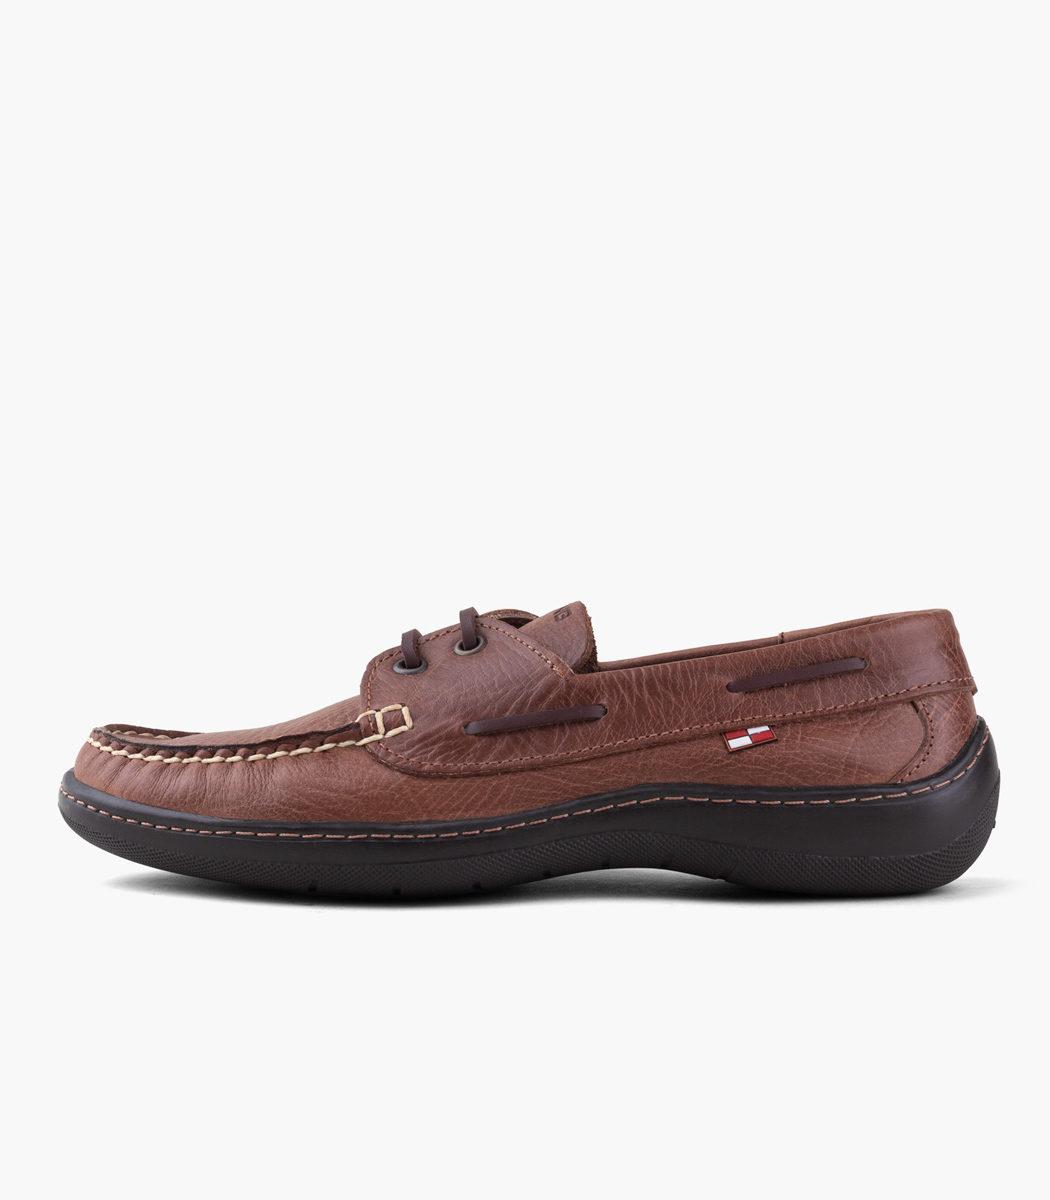 Zapato Náutico BOATING Pacific